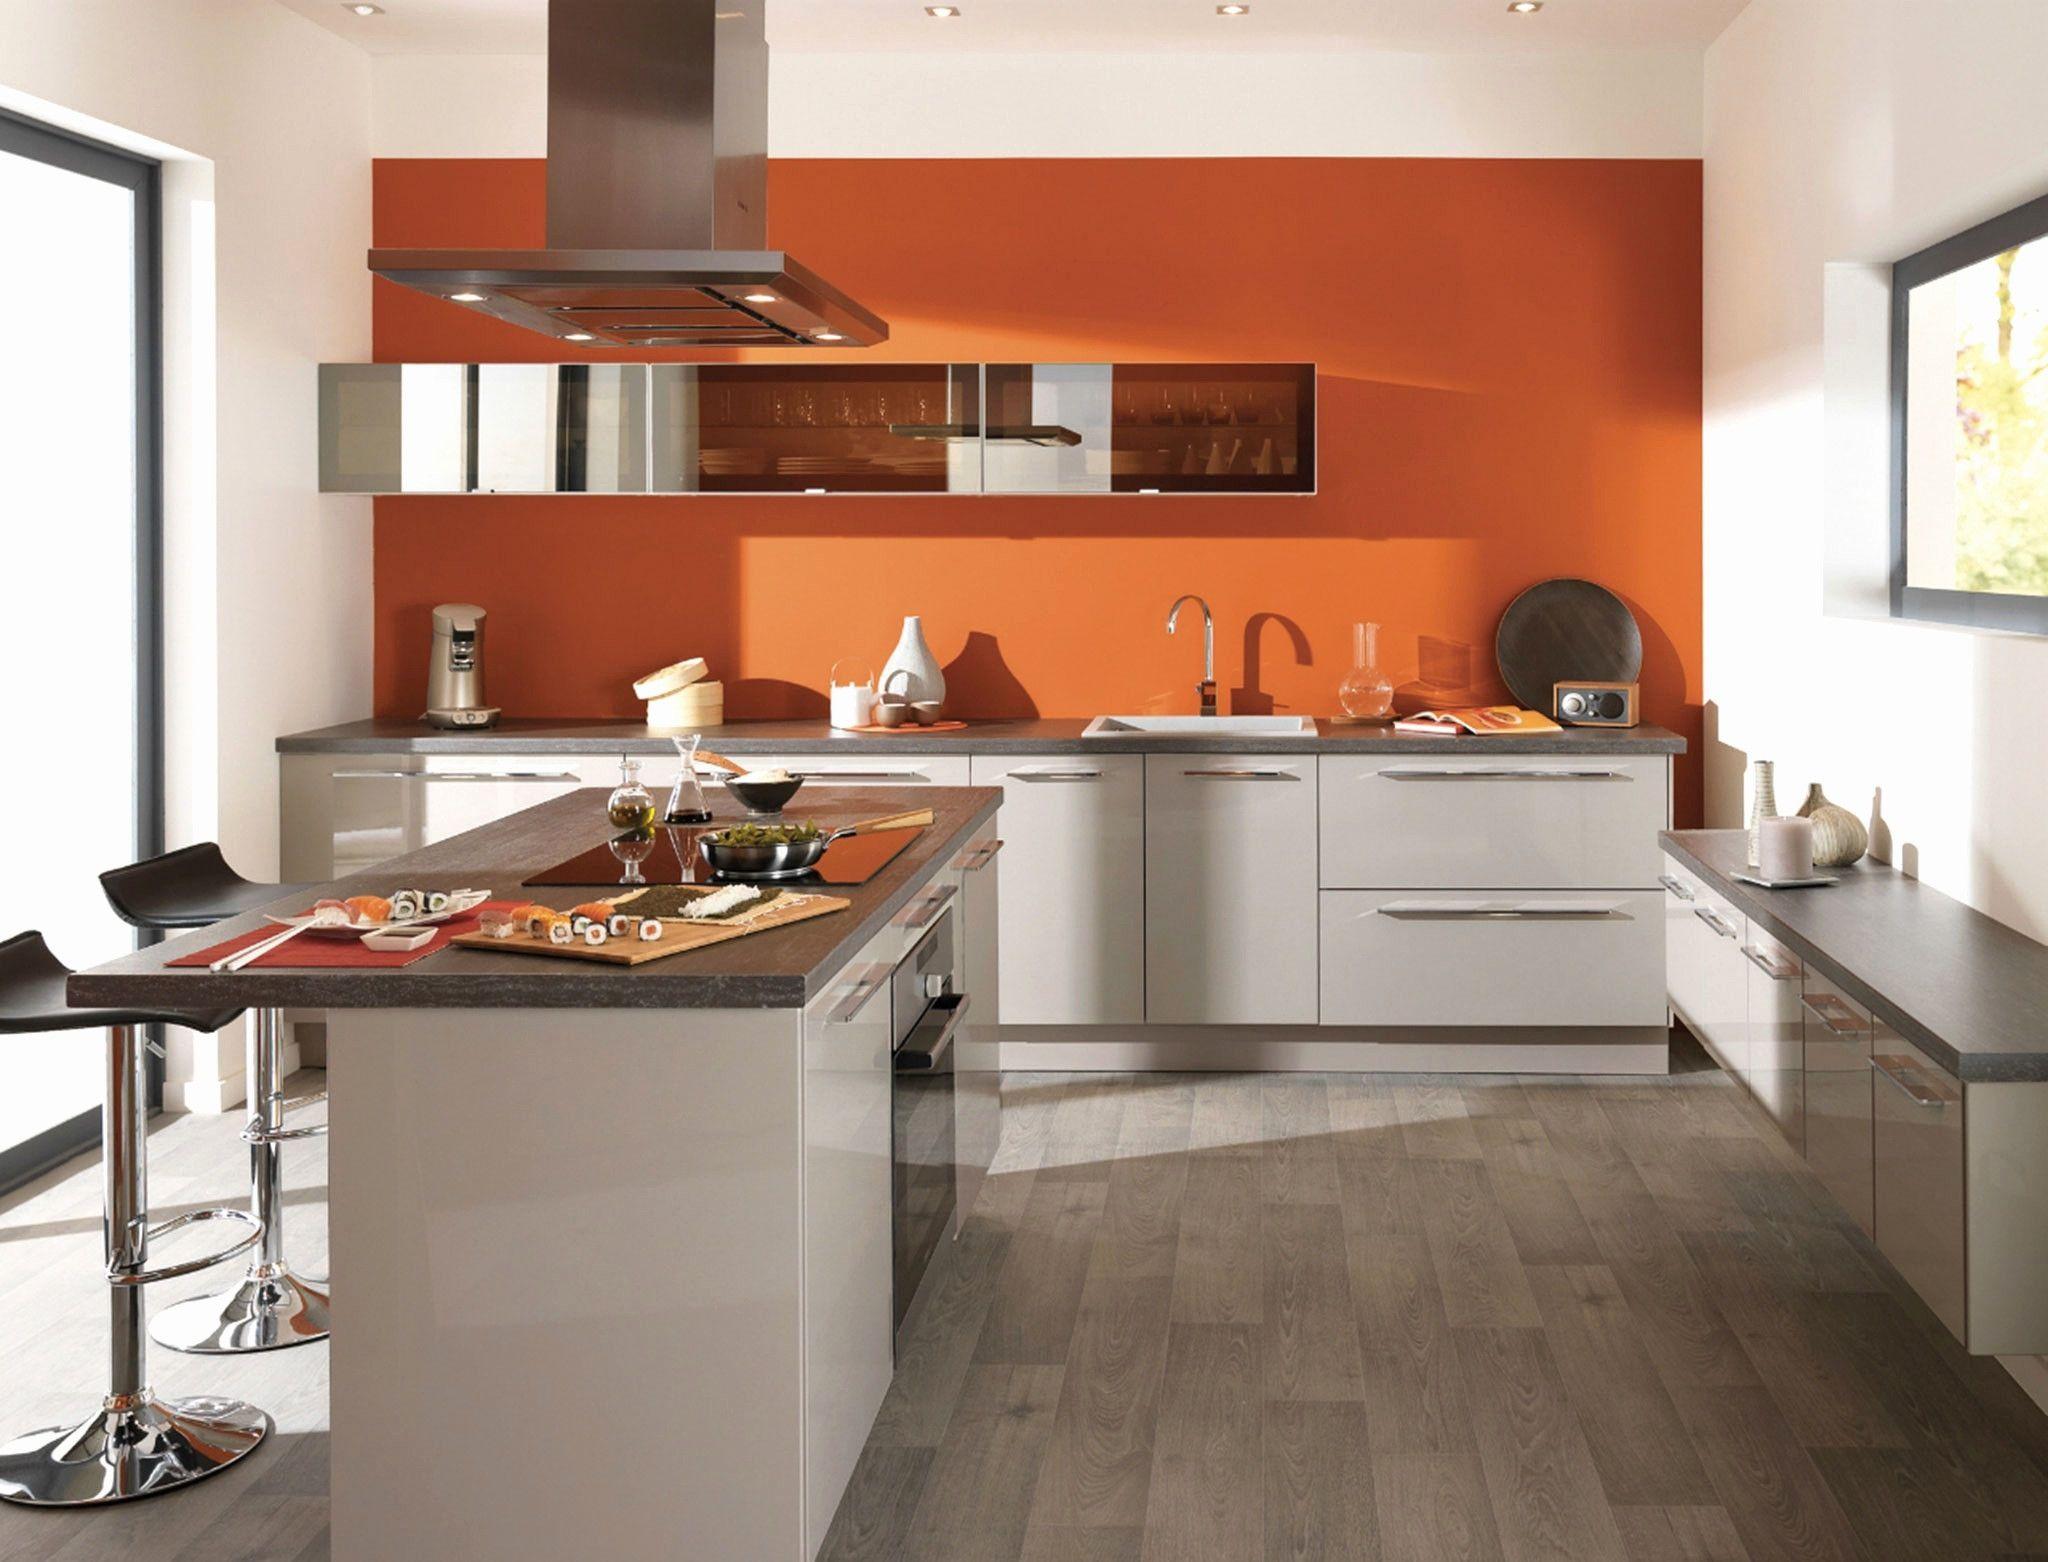 Cuisine Taupe Quelle Couleur Pour Les Murs new cuisine couleur taupe clair | couleur cuisine, cuisine